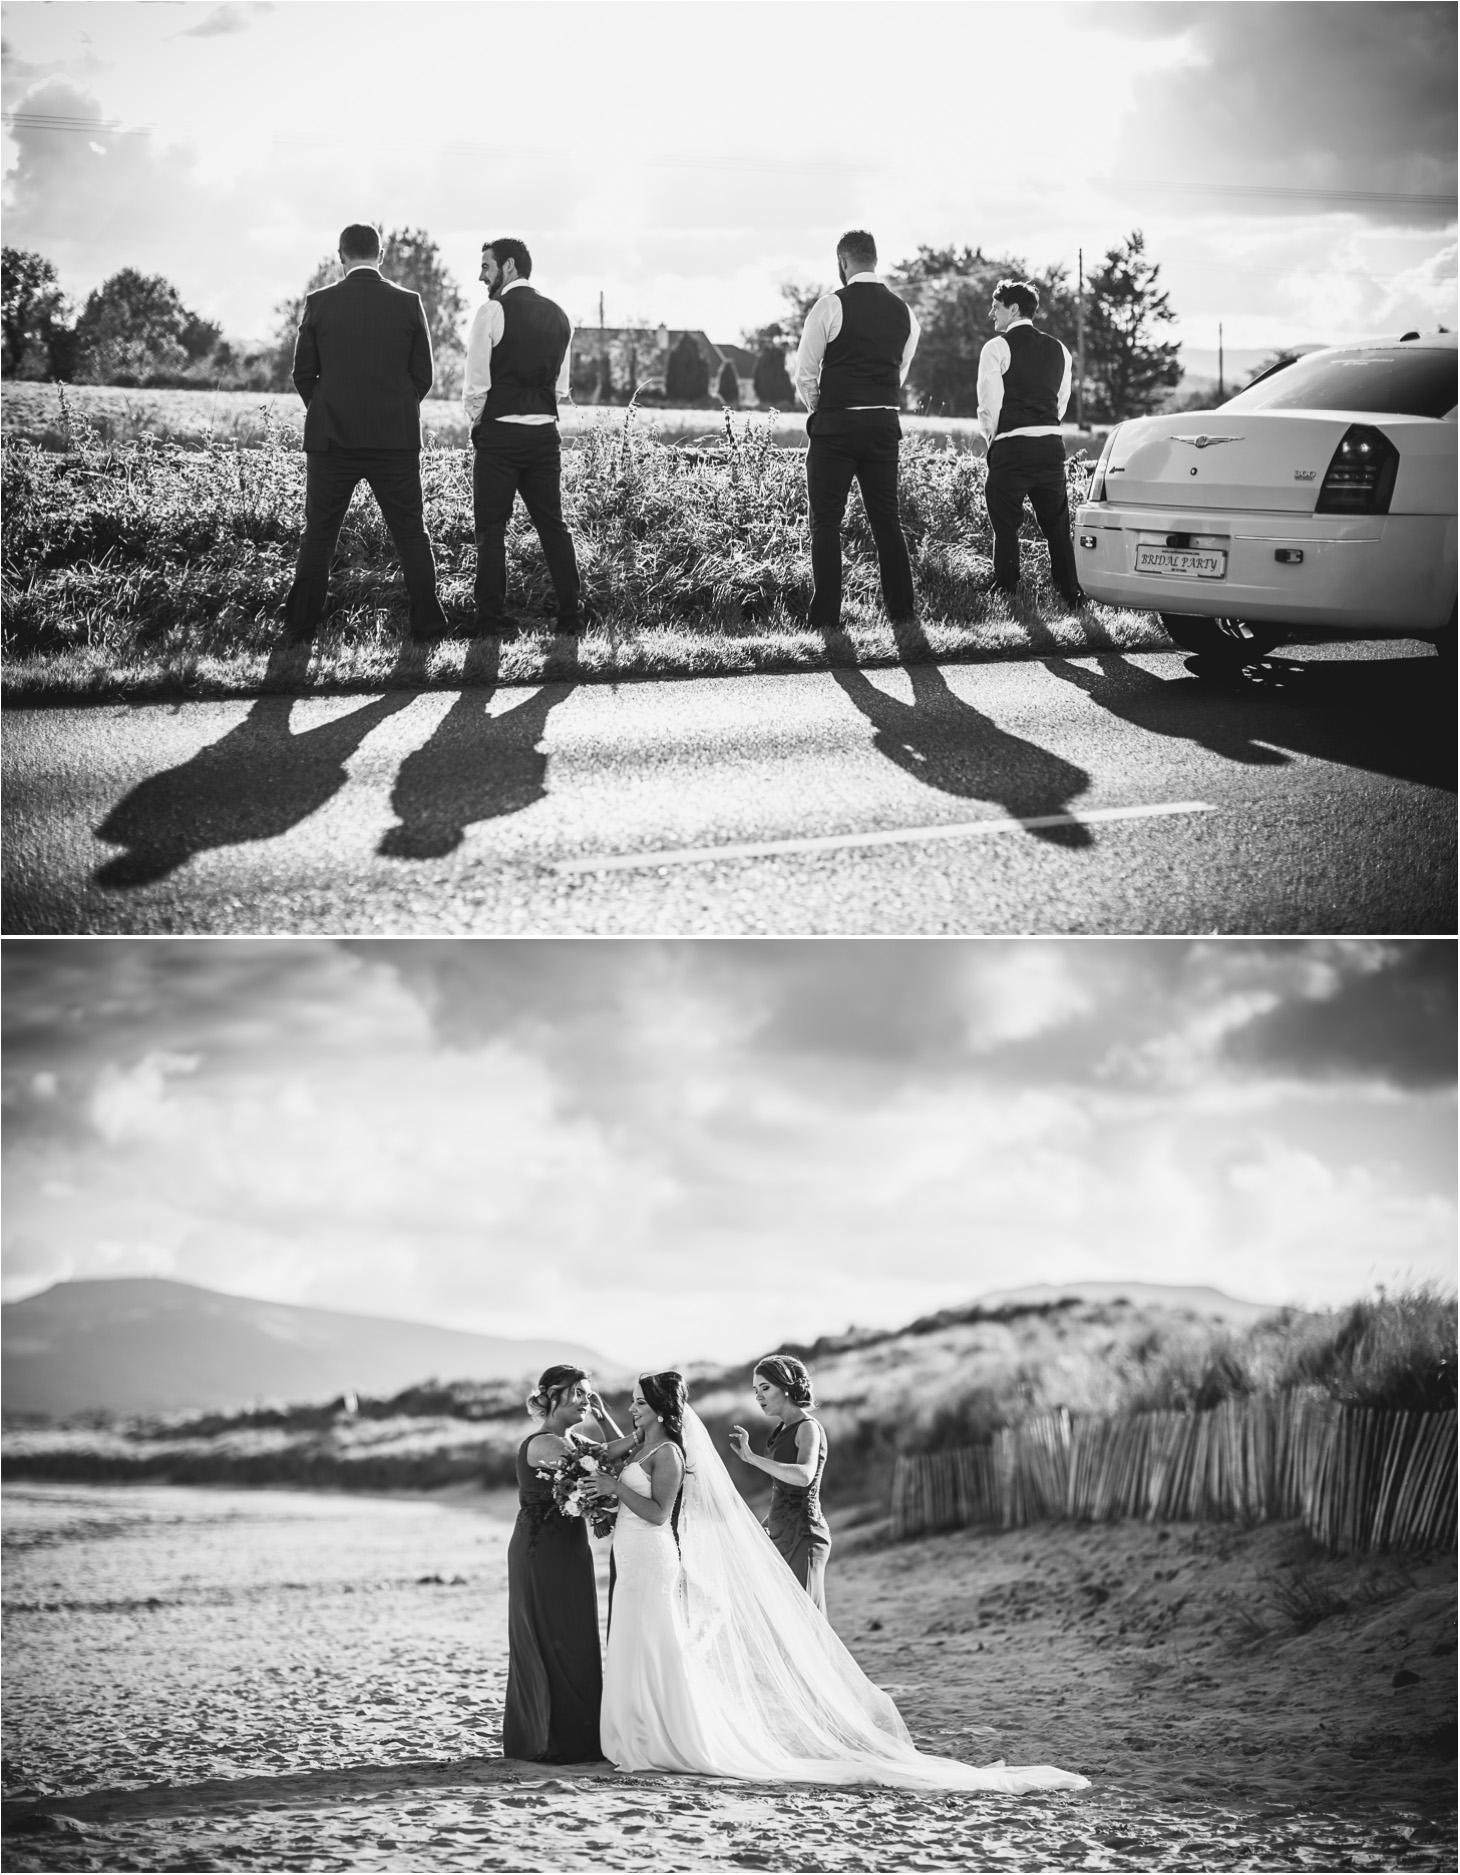 Leona Conall. Dublin Photographer 16. jpg